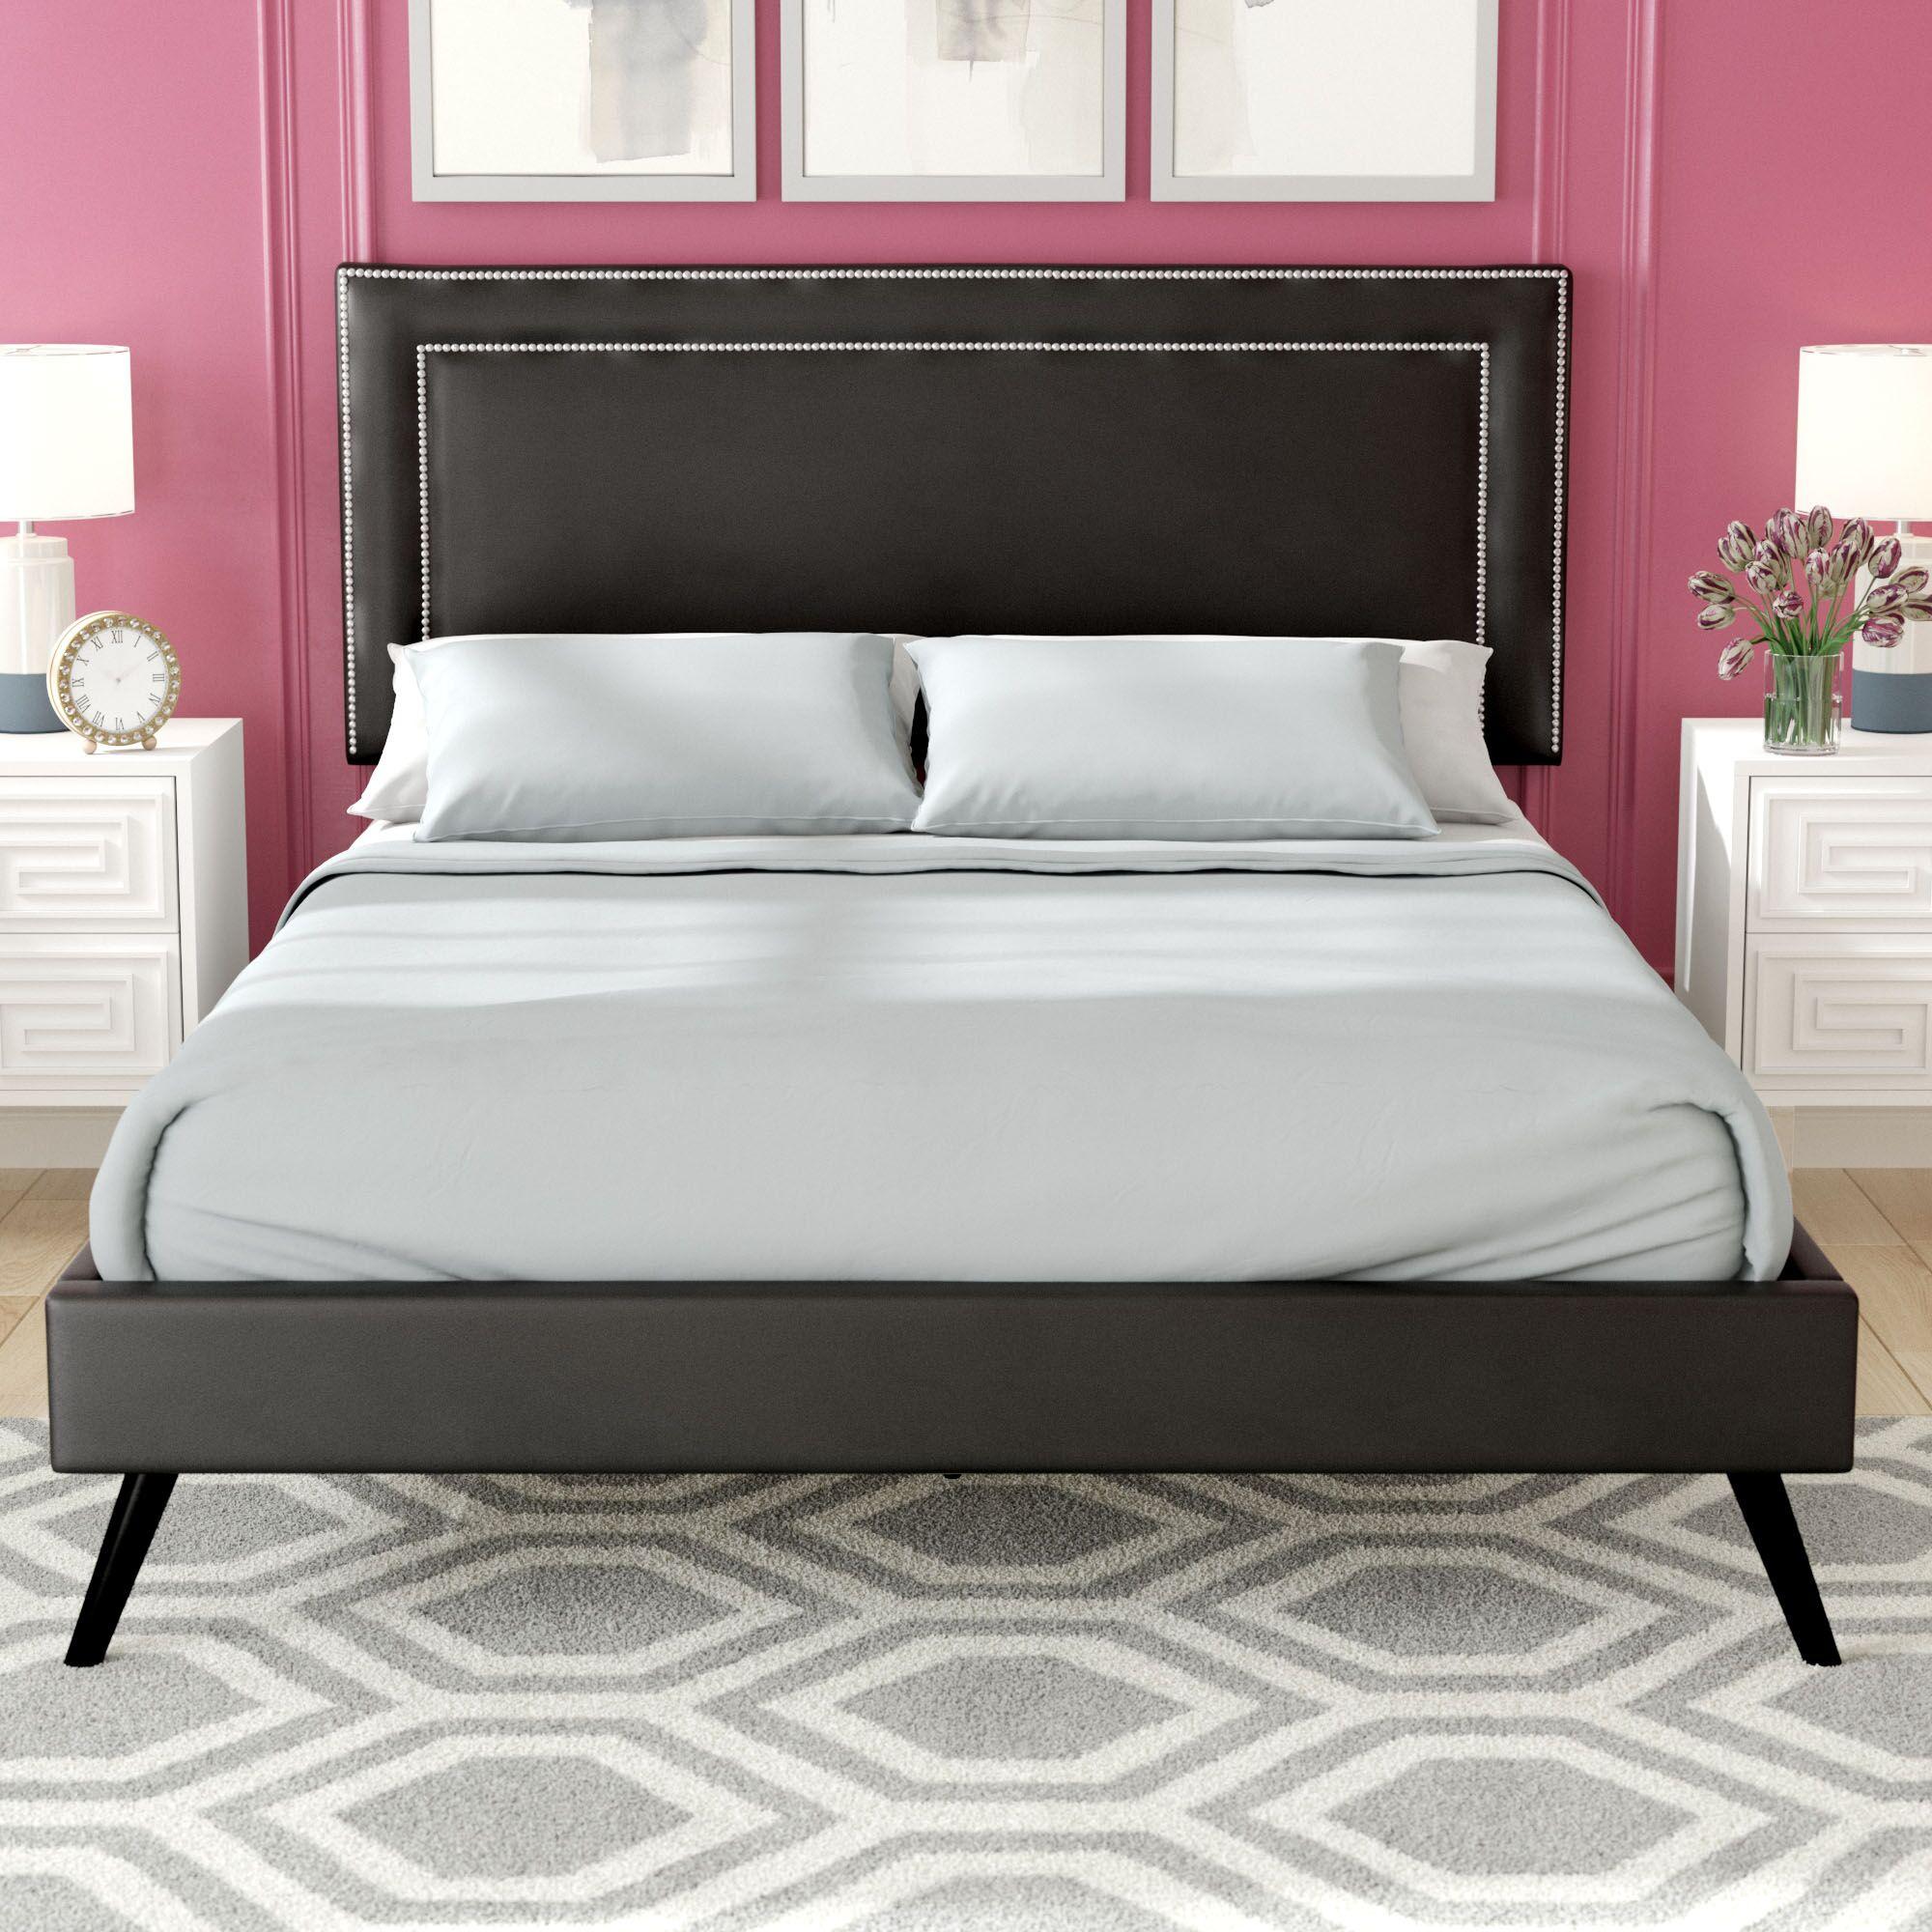 Eyre Upholstered Platform Bed Color: Black, Size: Queen